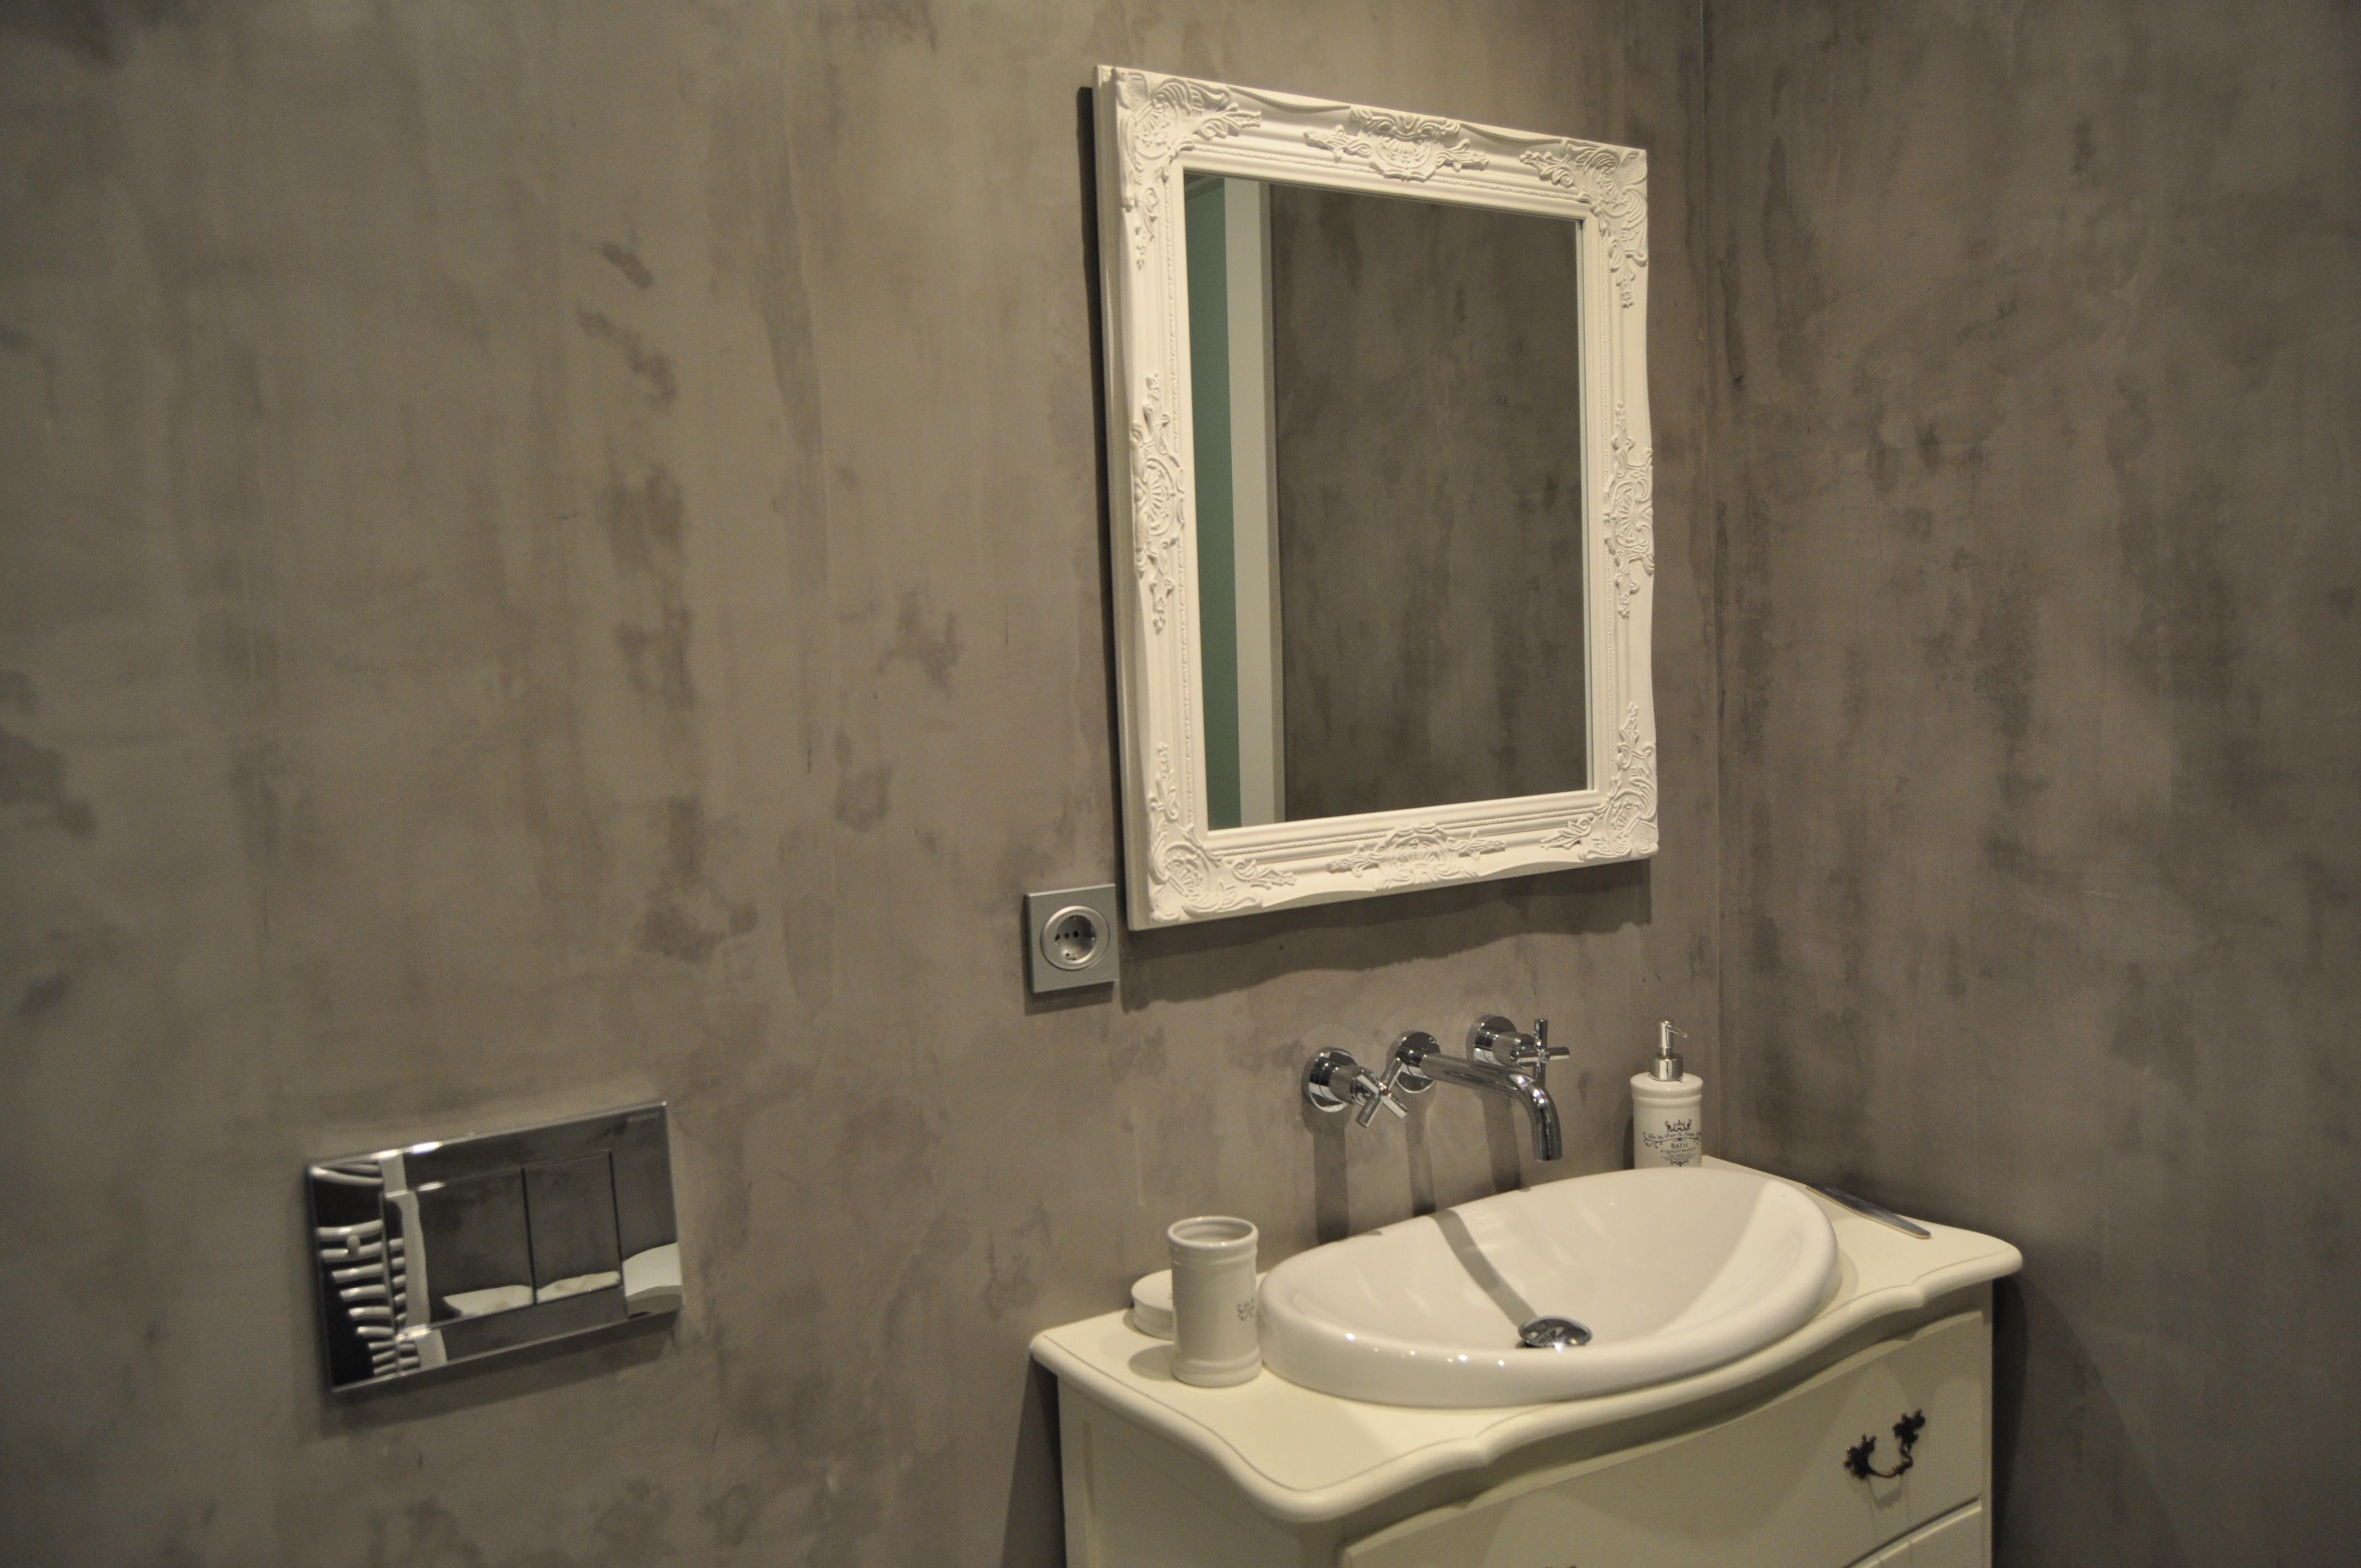 Baños De Microcemento:microcemento para baños y co microcemento para baños y cocinas